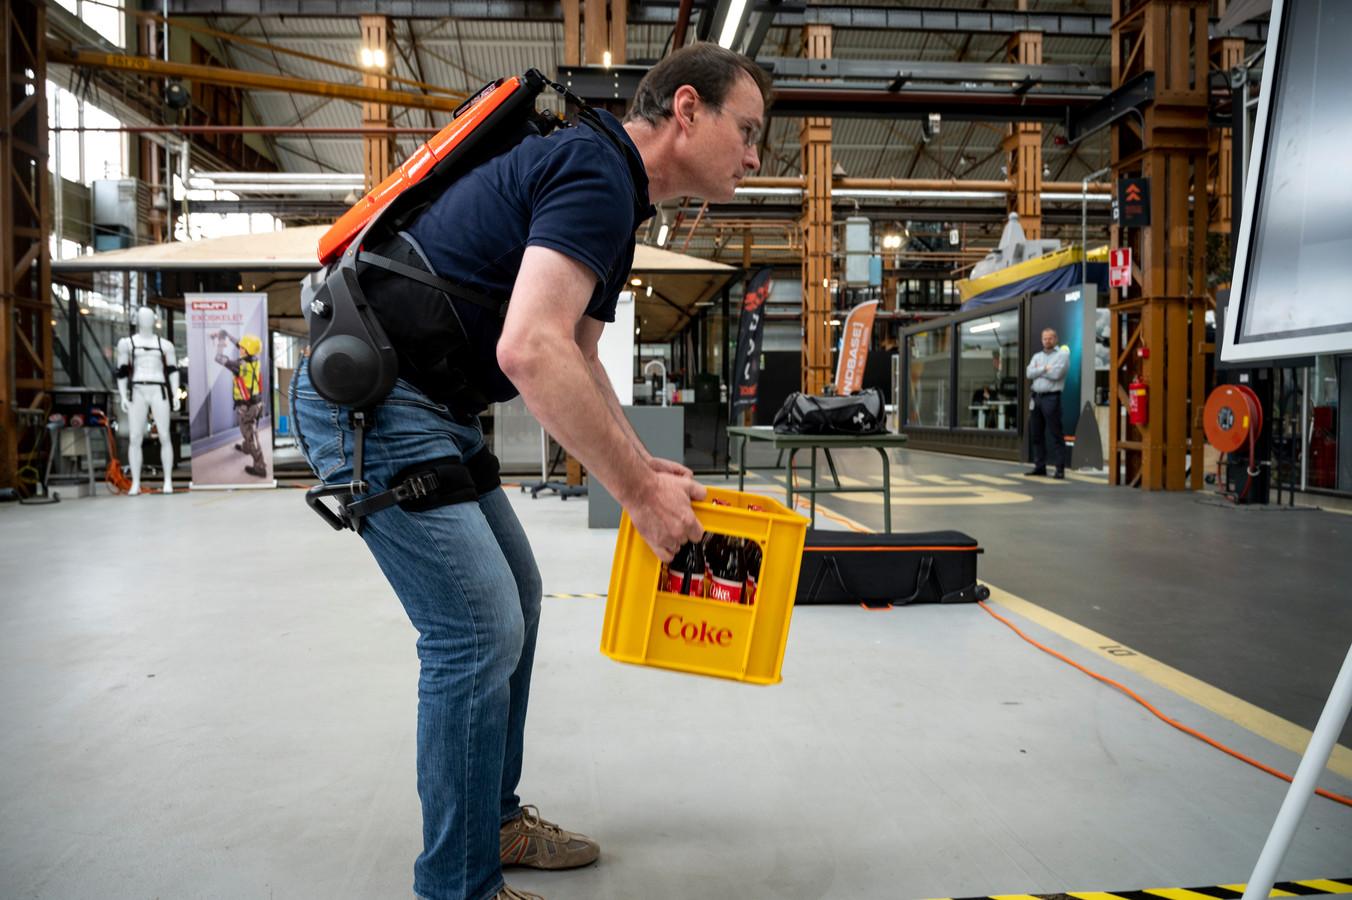 De Cray X van het Duitse bedrijf German Bionic, een actief exoskelet met motor dat de romp ondersteunt bij het tillen.